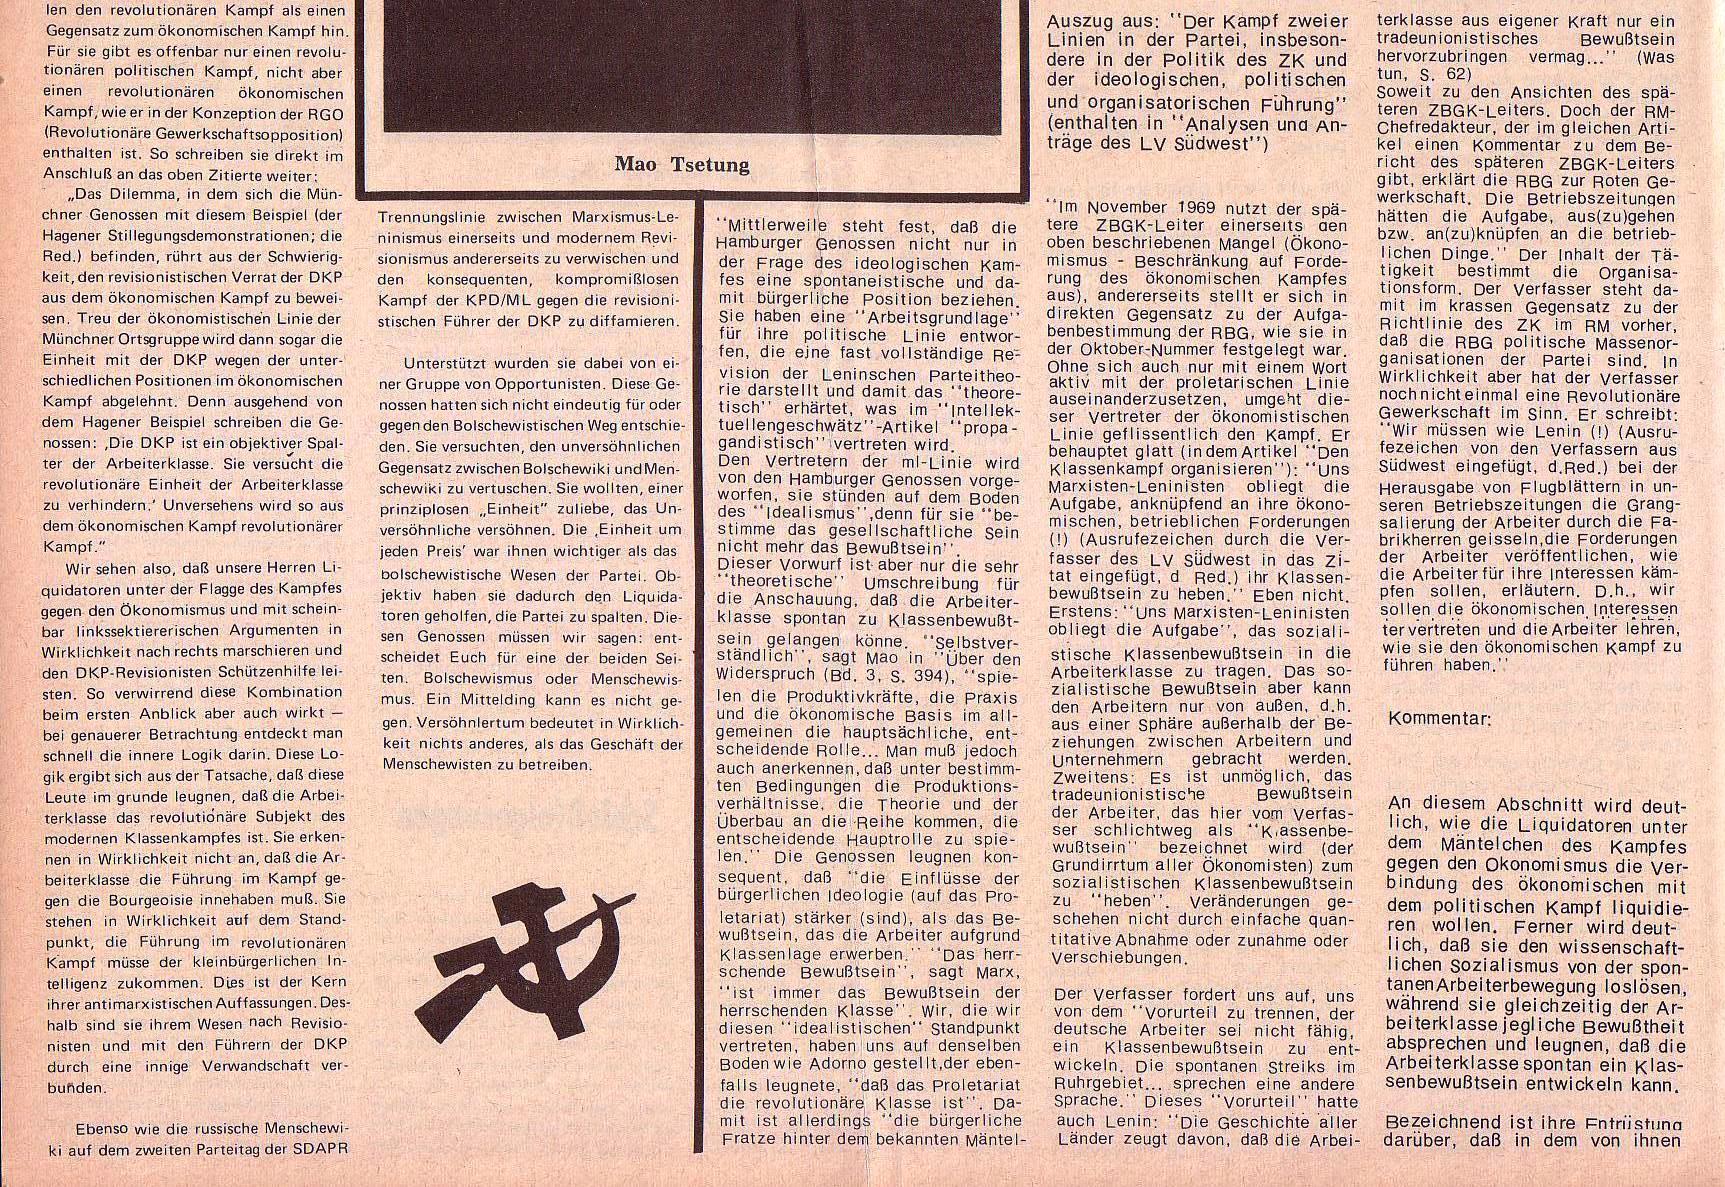 RM_1971_17_Sondernummer_12